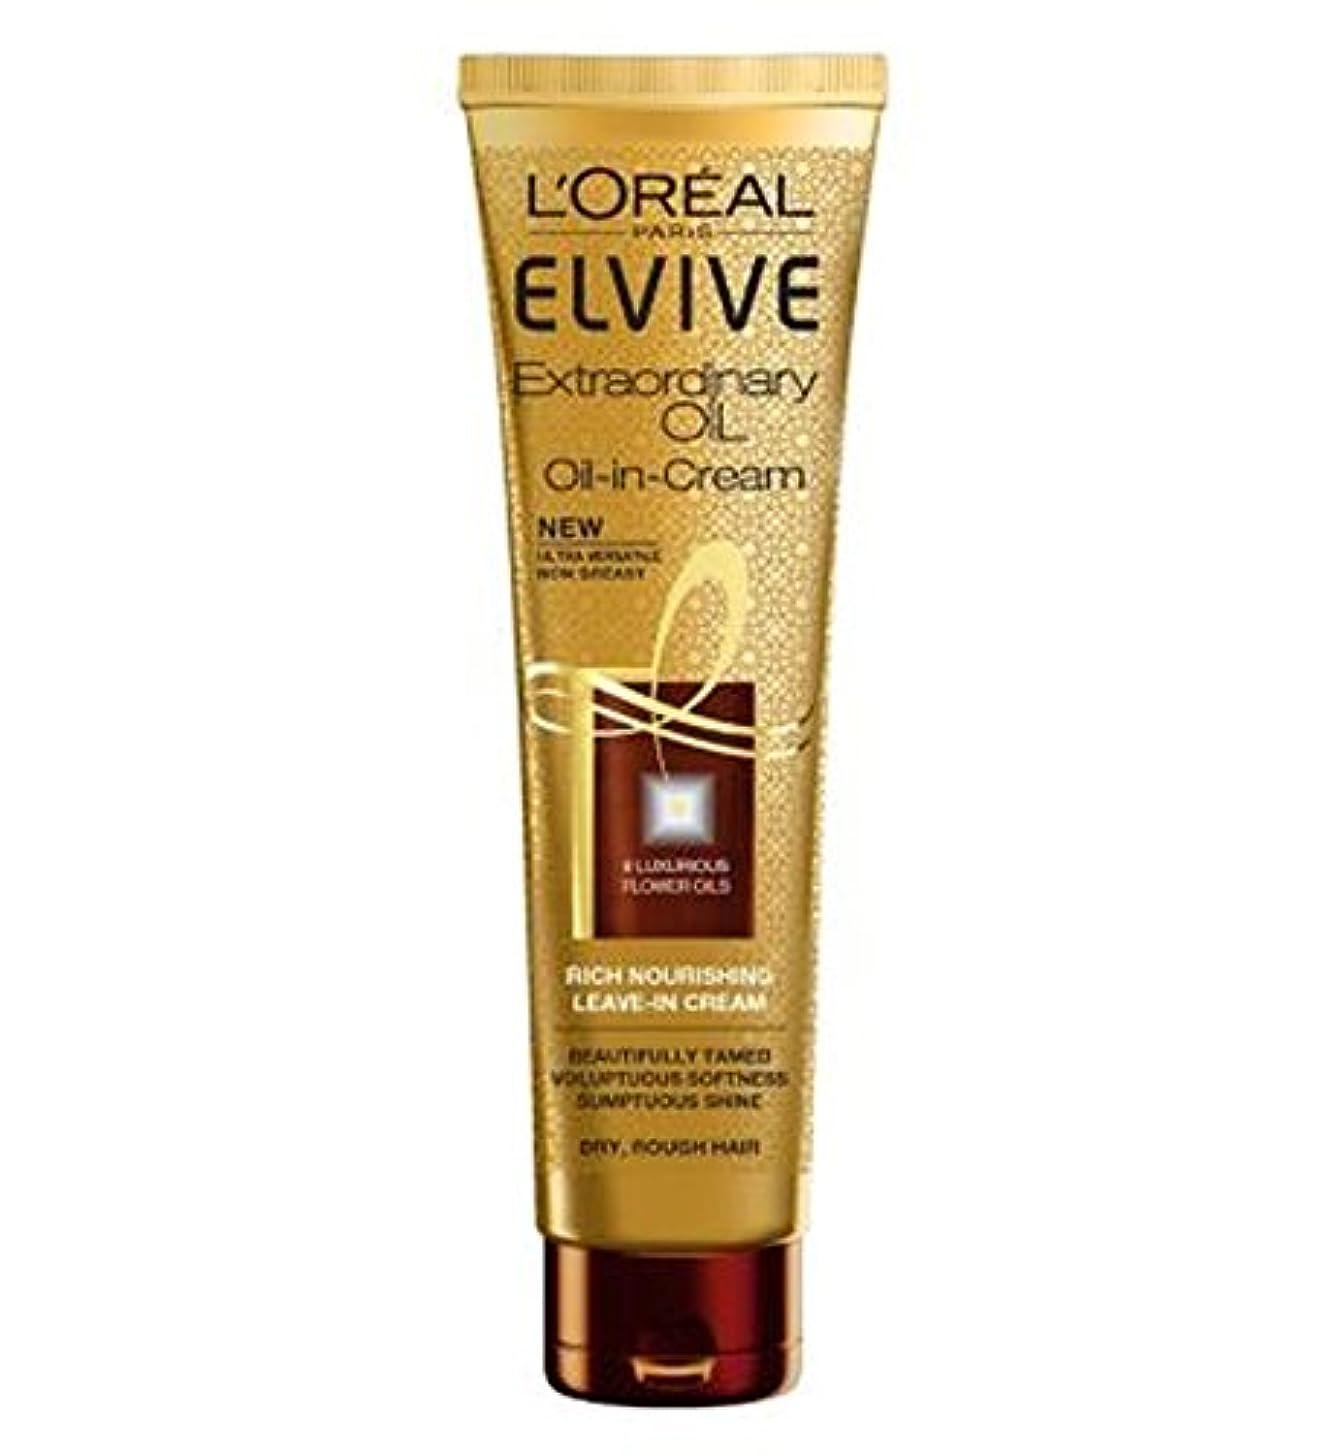 コイル掘る阻害するL'Oreal Paris Elvive Extraordinary Oil in Cream Dry Hair - クリーム乾いた髪でロレアルパリElvive臨時オイル (L'Oreal) [並行輸入品]